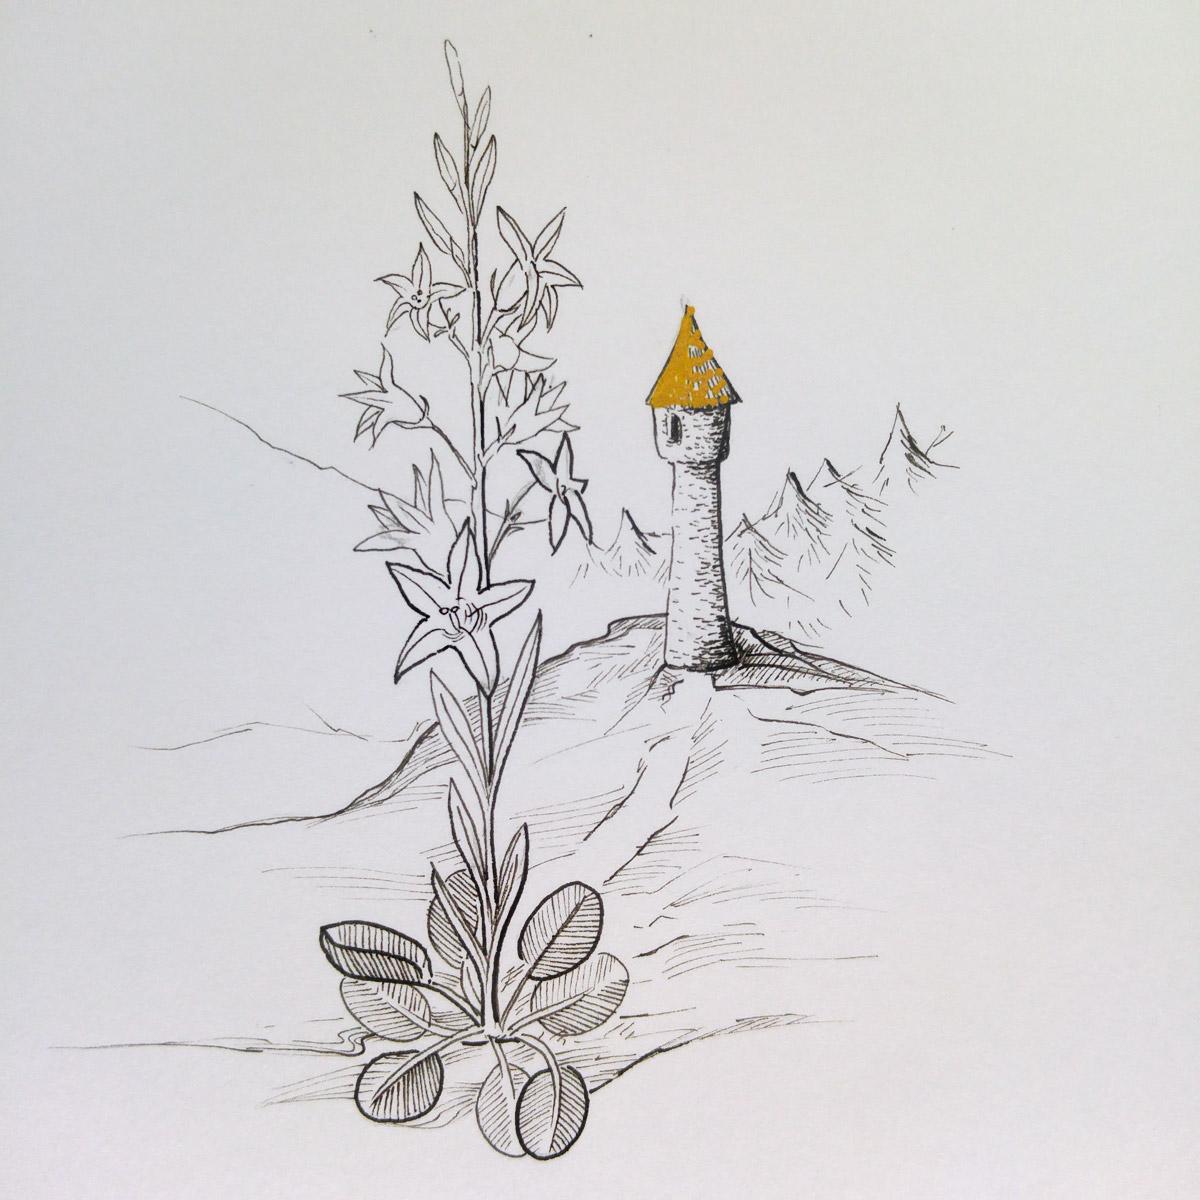 Der Turm in dem Rapunzel von der Hexe gefangen gehalten wurde und im Vordergrund die Pflanze, die ihr den Namen gab.